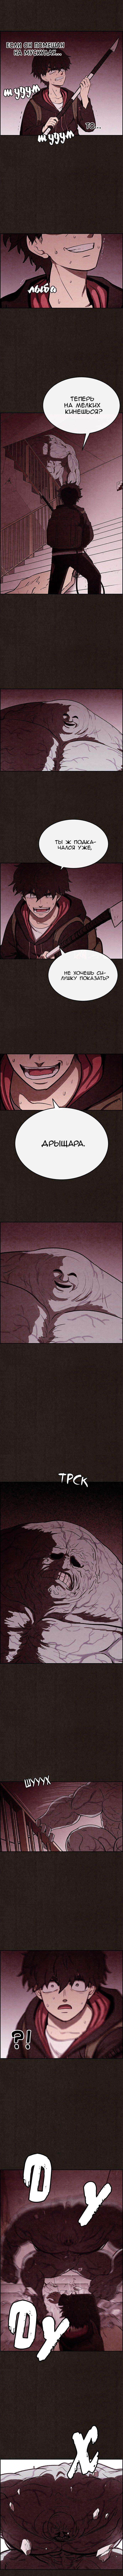 Манга Милый дом / Sweet Home (HWANG Youngchan) - Том 1 Глава 22 Страница 4